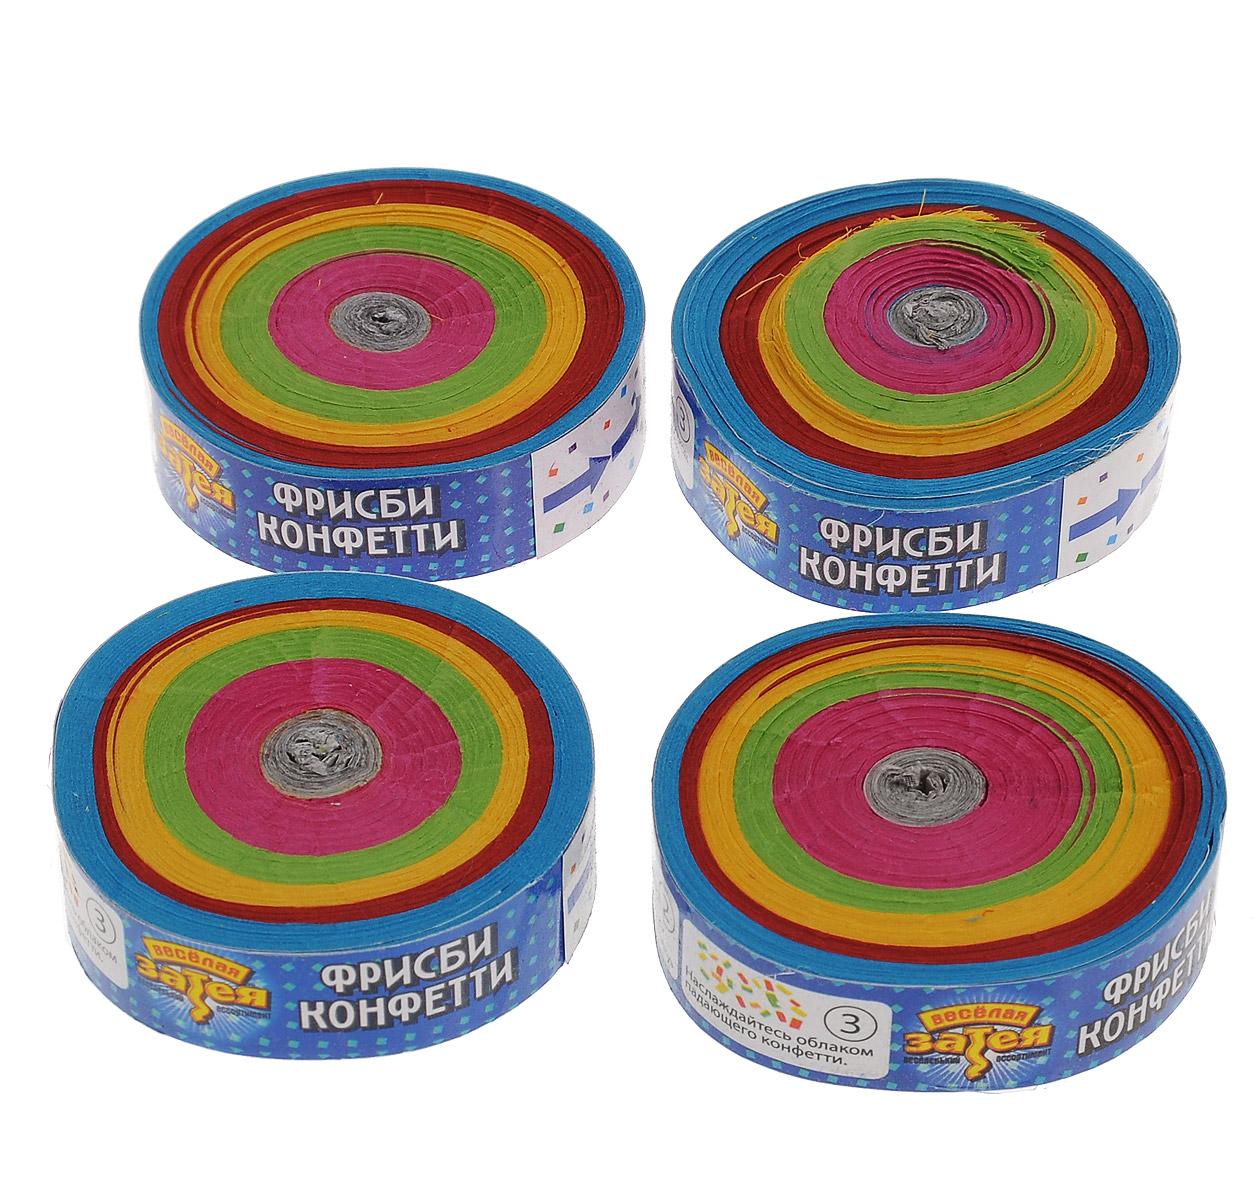 Веселая затея Конфетти-фрисби, негорящее, диаметр 6,5 см, 4 шт -  Конфетти